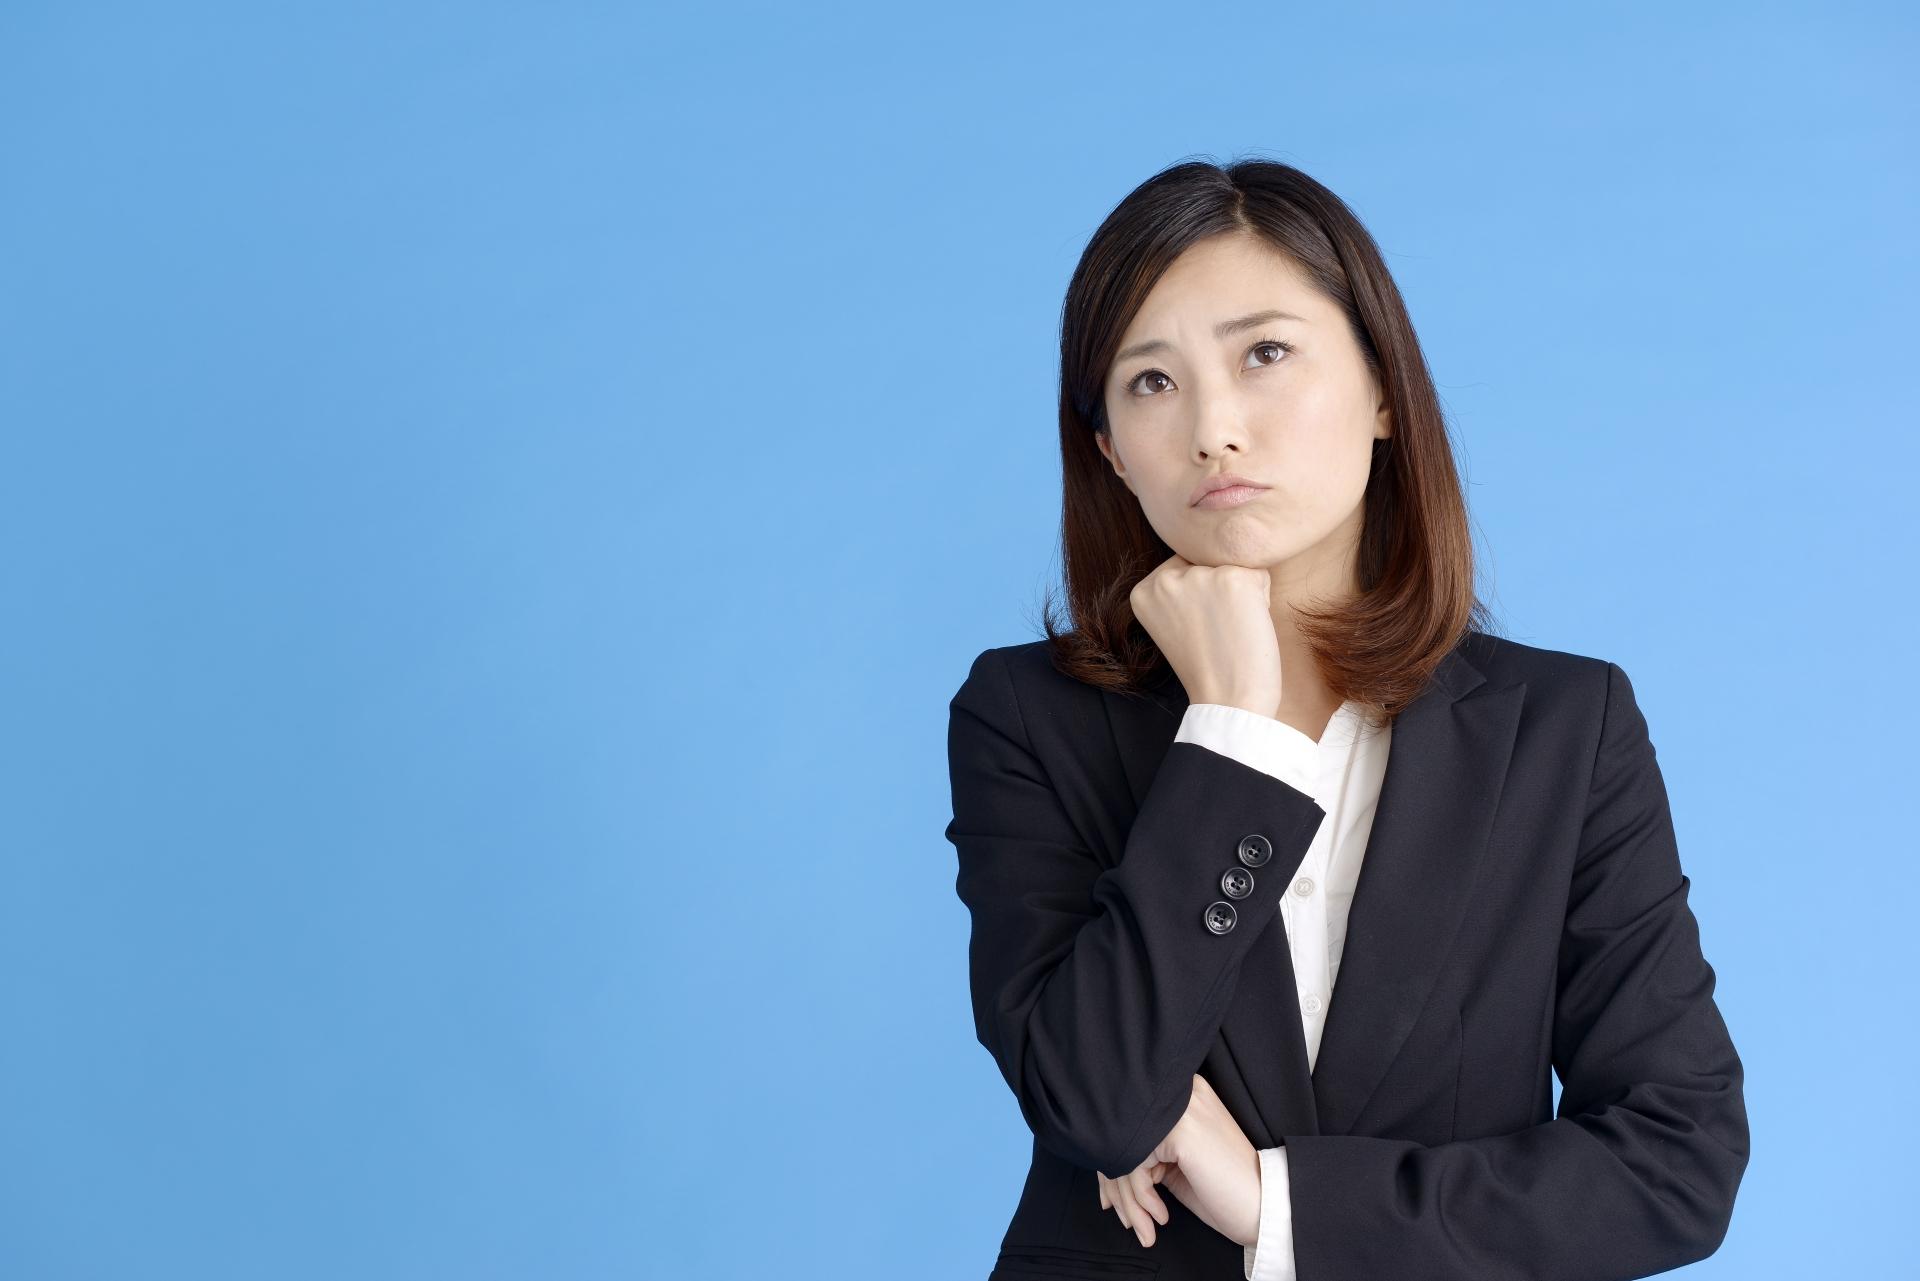 正社員で応募したのに契約社員からと言われた時、注意すべき3つのポイント